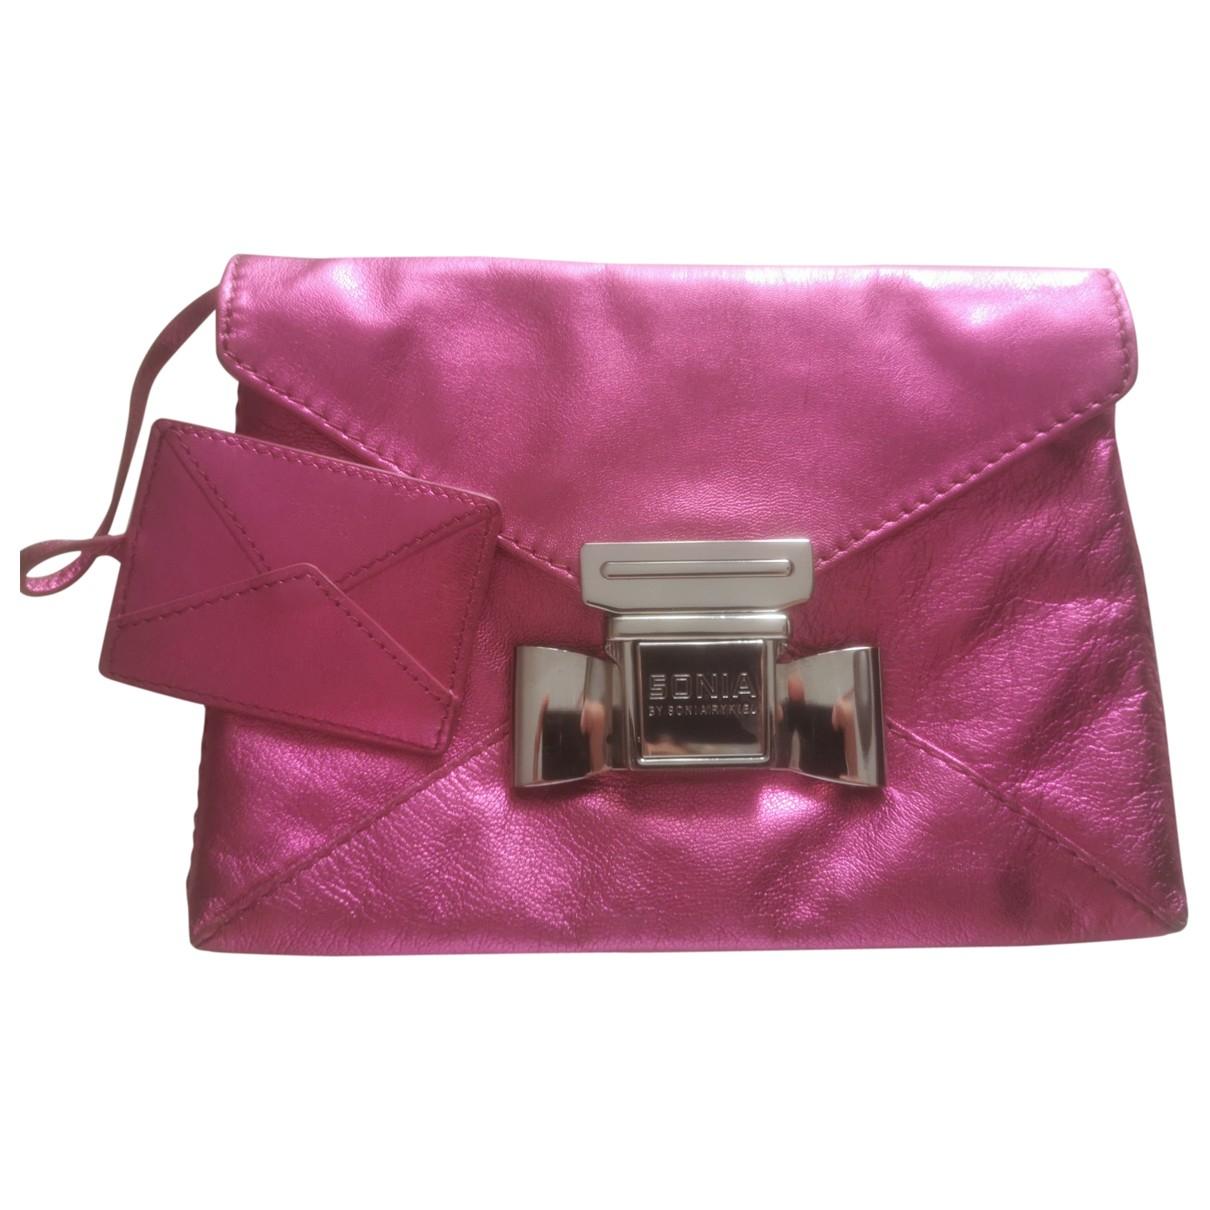 Sonia By Sonia Rykiel \N Leather handbag for Women \N